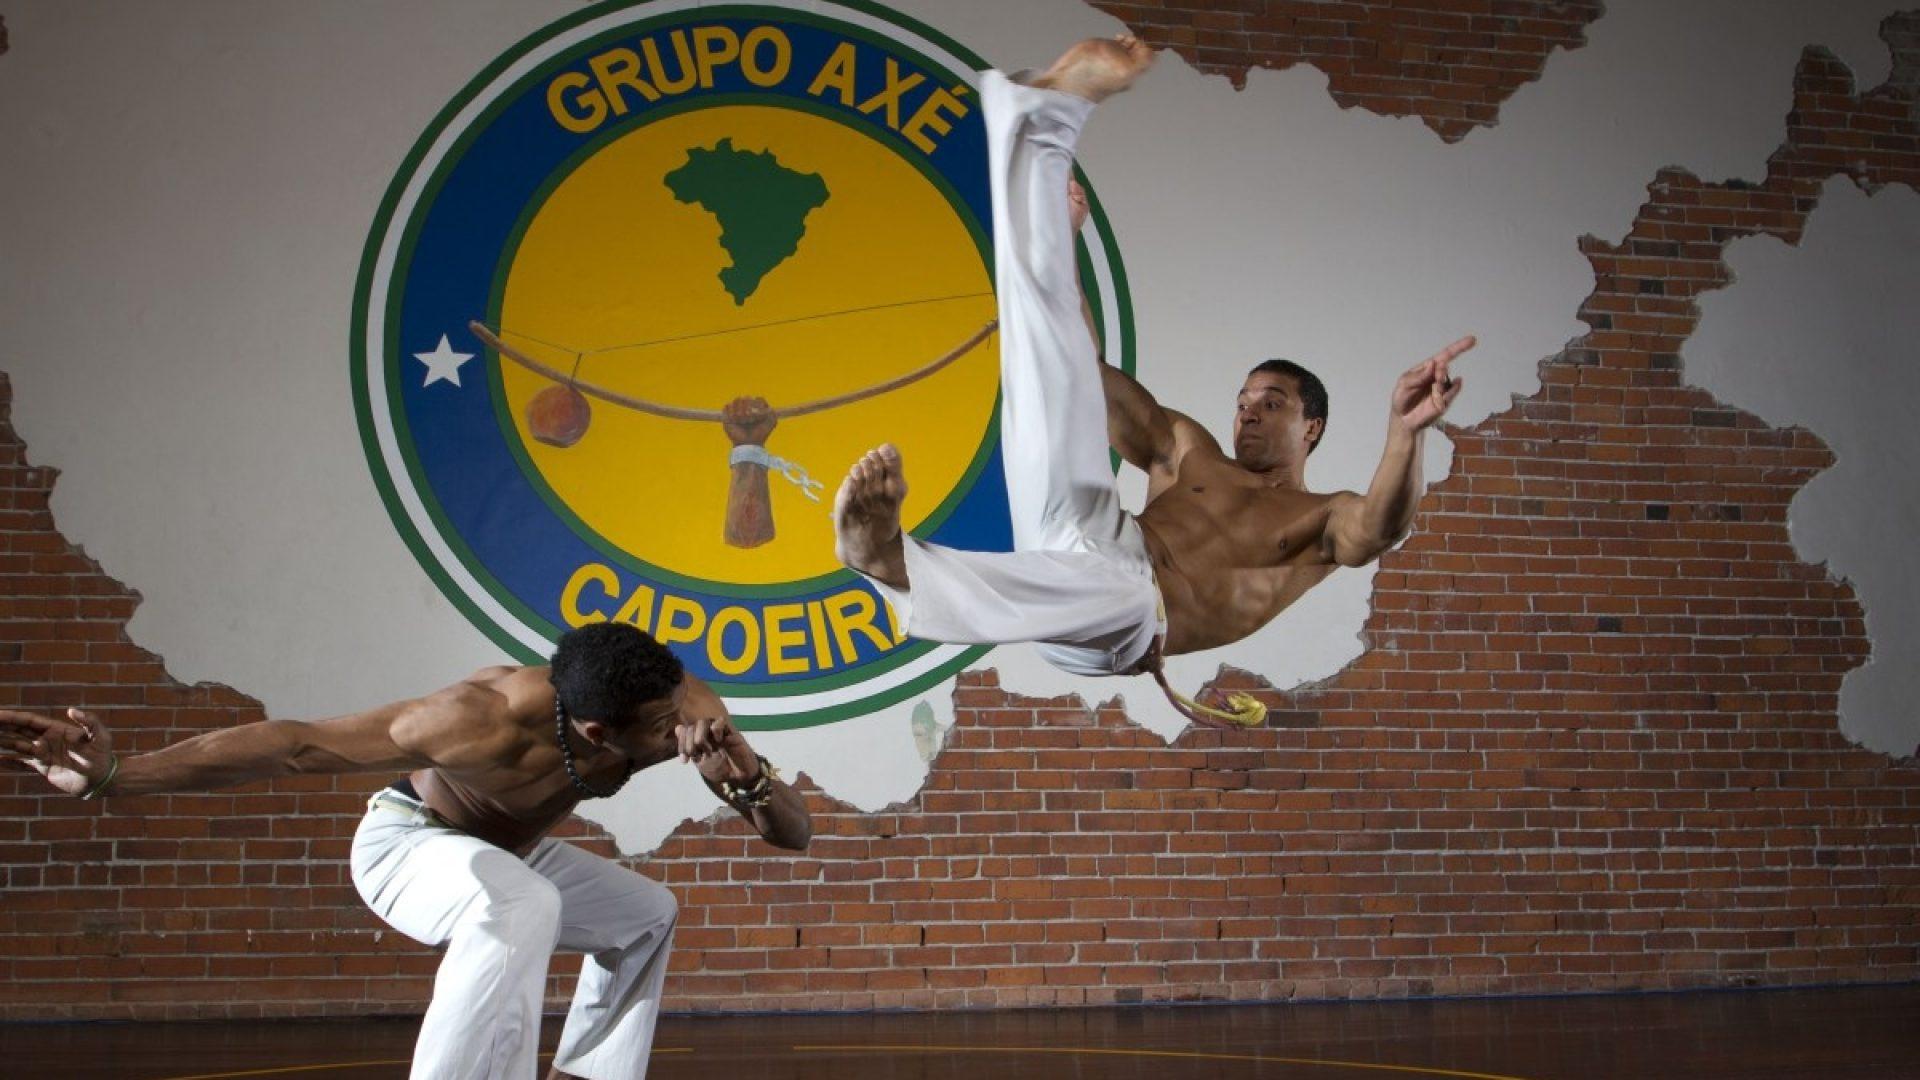 Grupo Axé Capoeira